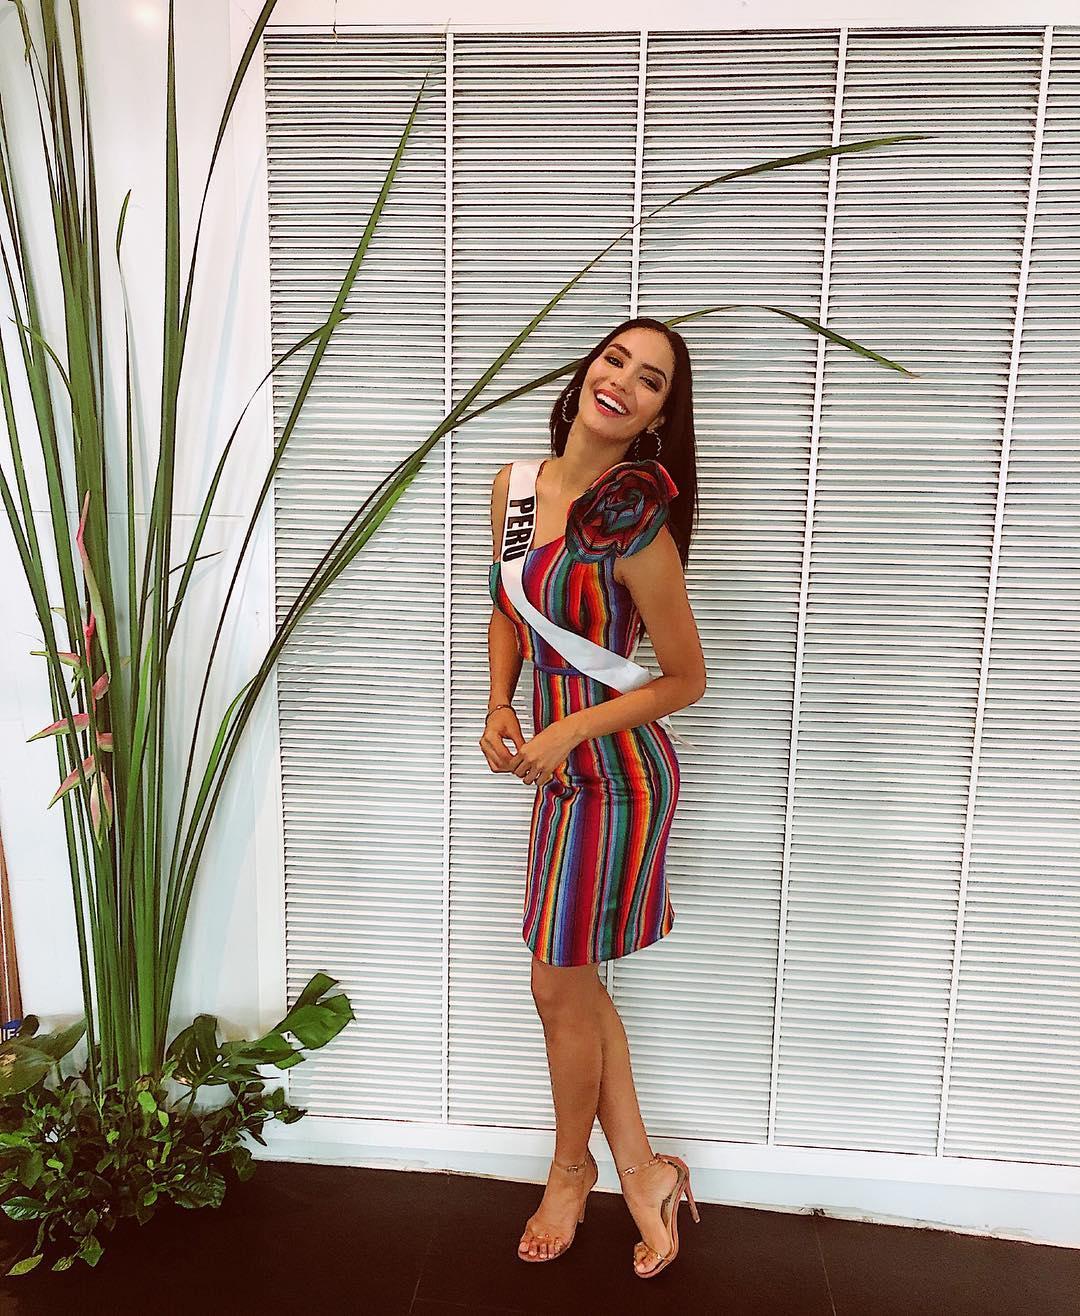 romina lozano, miss charm peru 2020/miss peru universo 2018. - Página 19 46164910